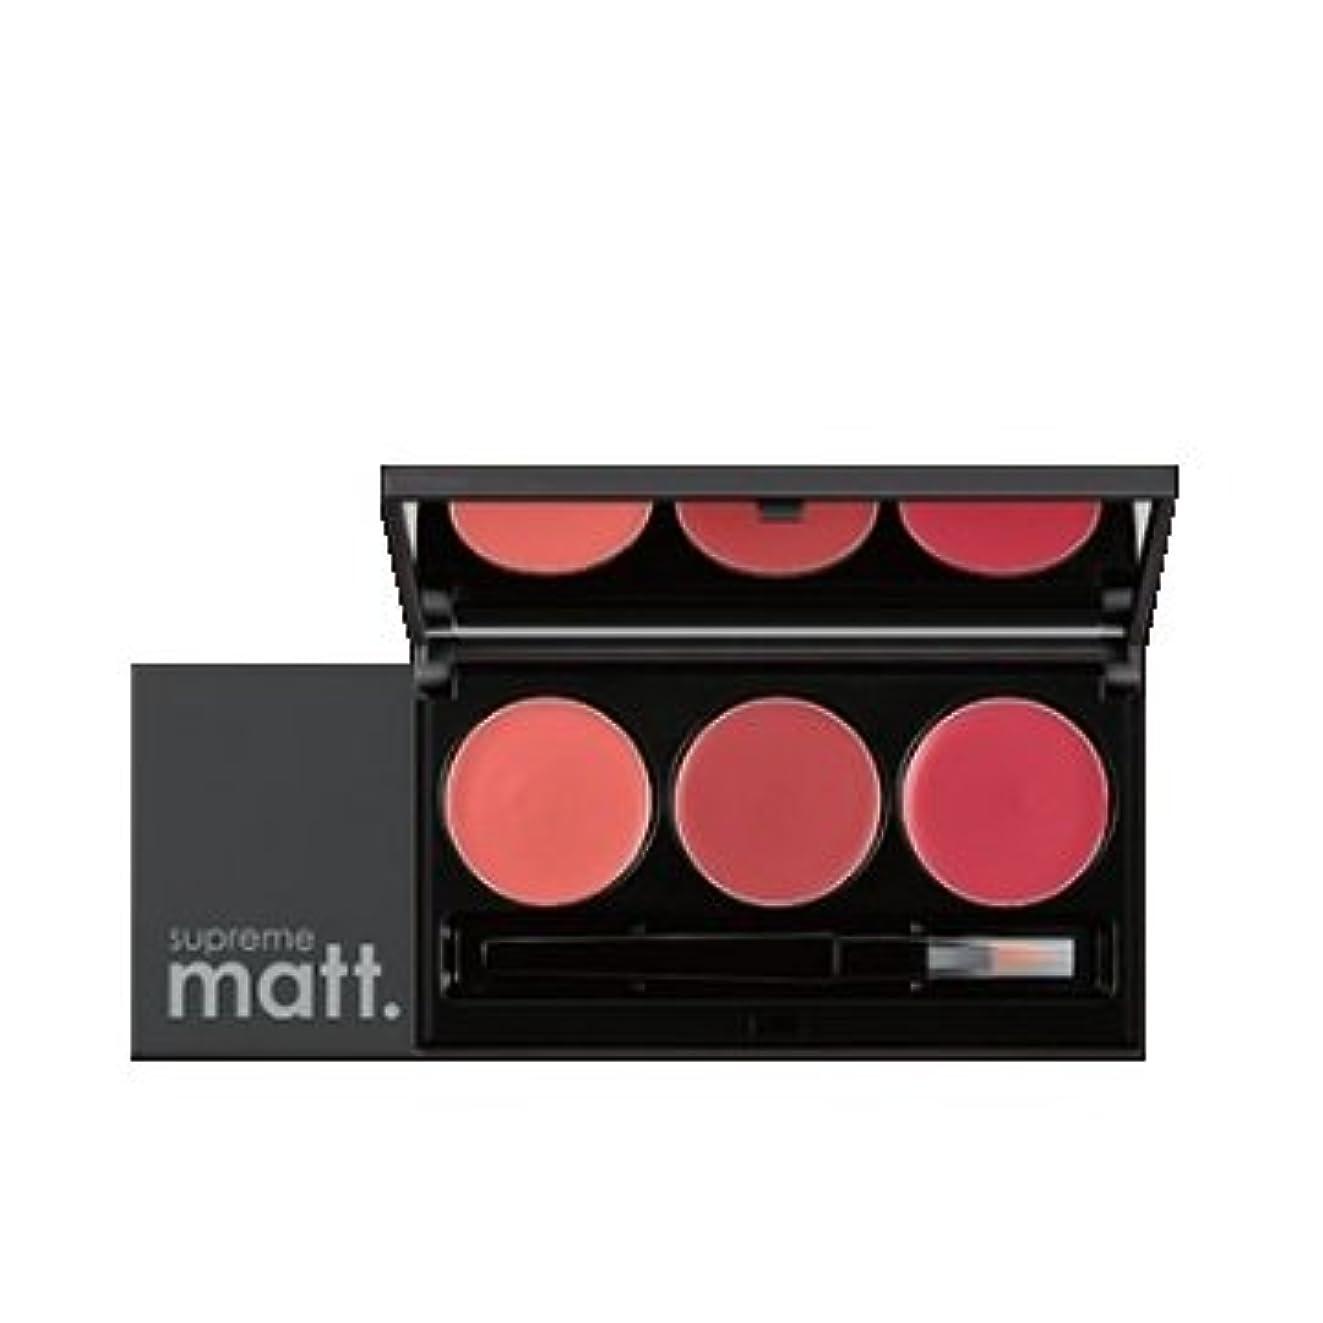 飛び込むみすぼらしいほめる[サンプル] MISSHA Supreme Matt Lip Rouge Lip Palette / ミシャ シュープリームマットリップルージュリップパレット [並行輸入品]